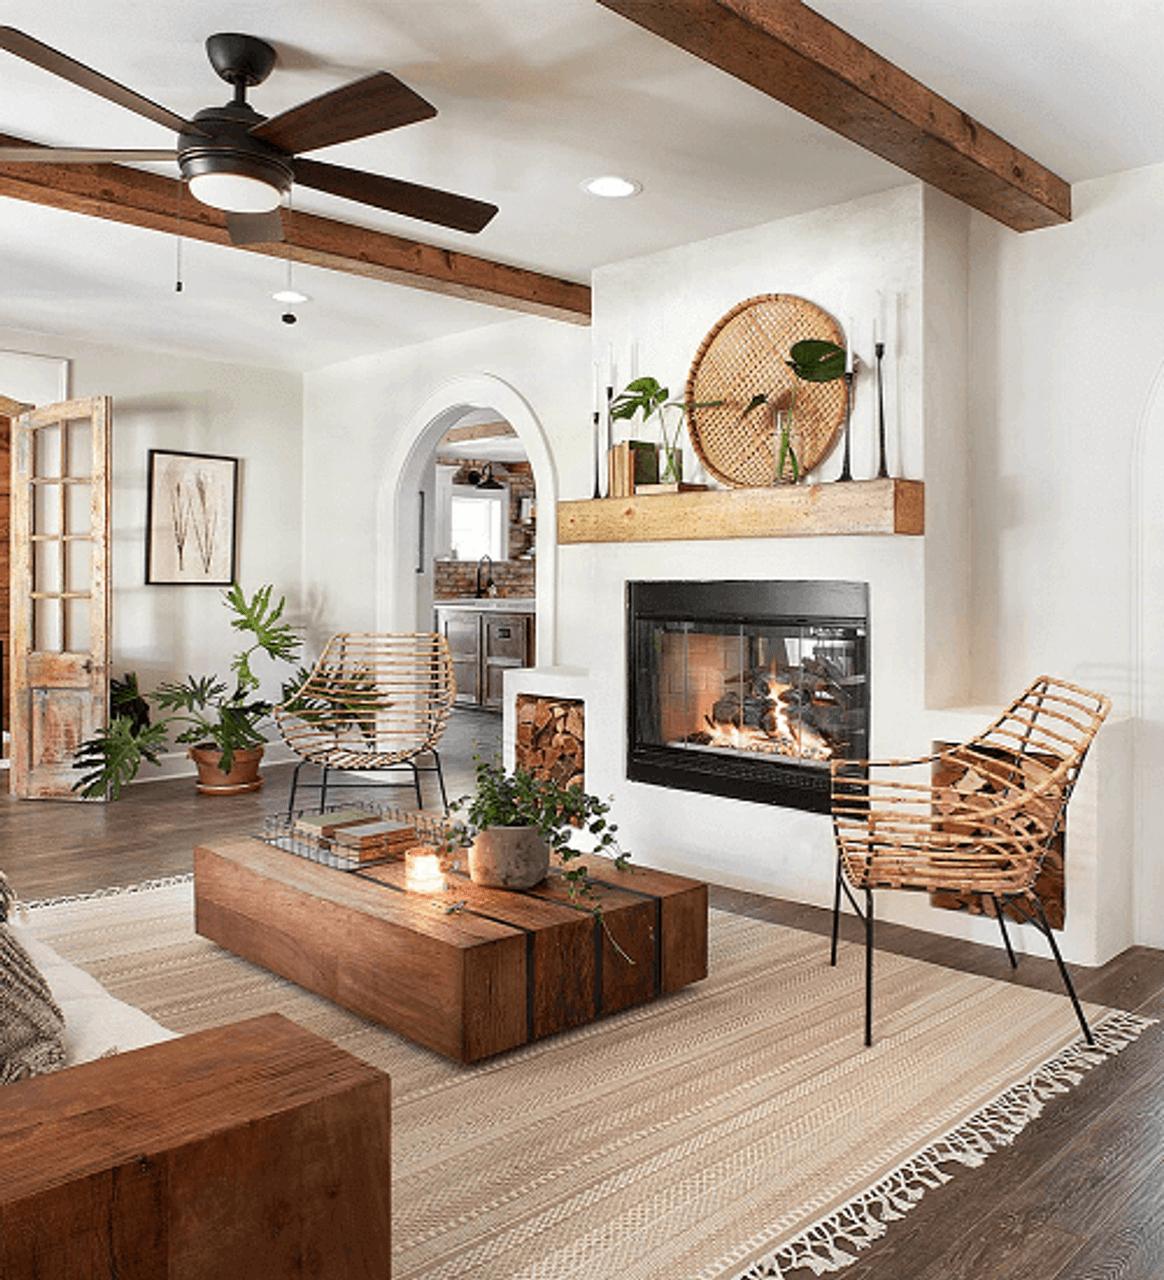 Coastal Rustic Home Decor - Zin Home